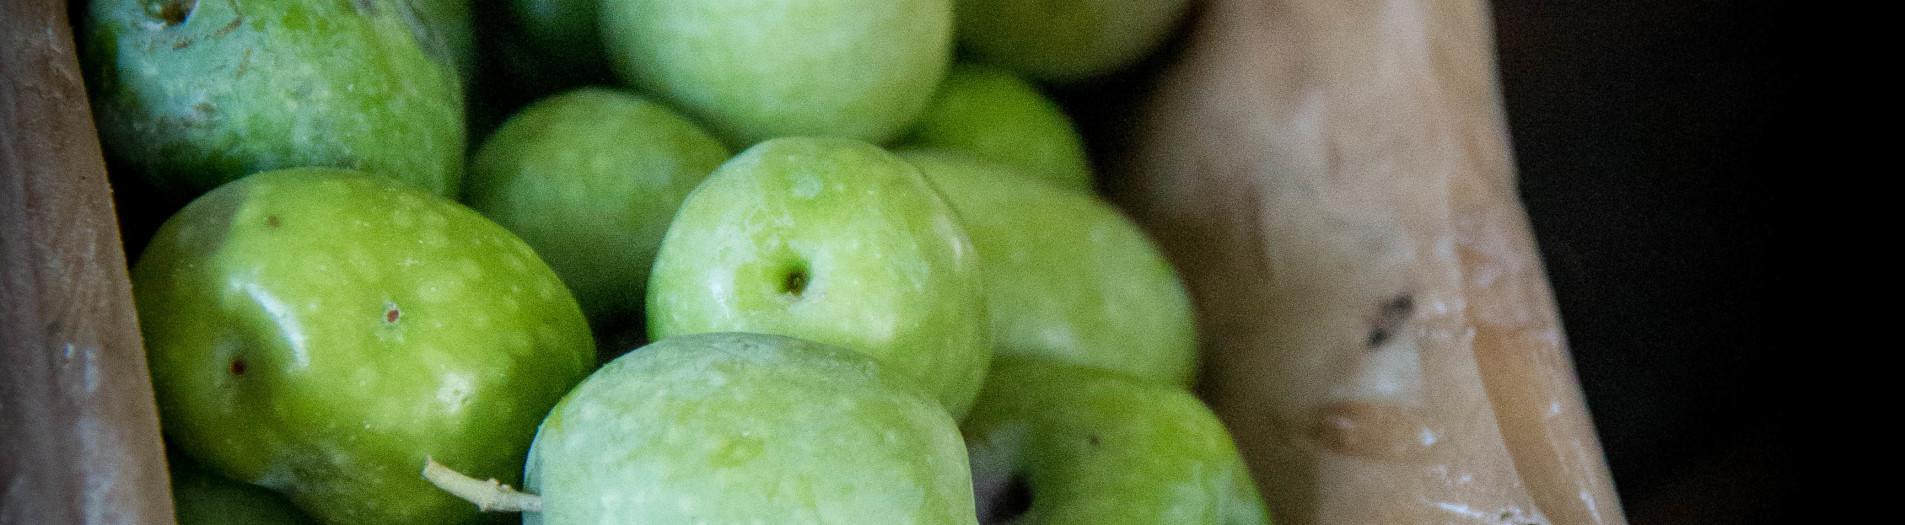 Olio e olive, condimento, medicina, bellezza e magia